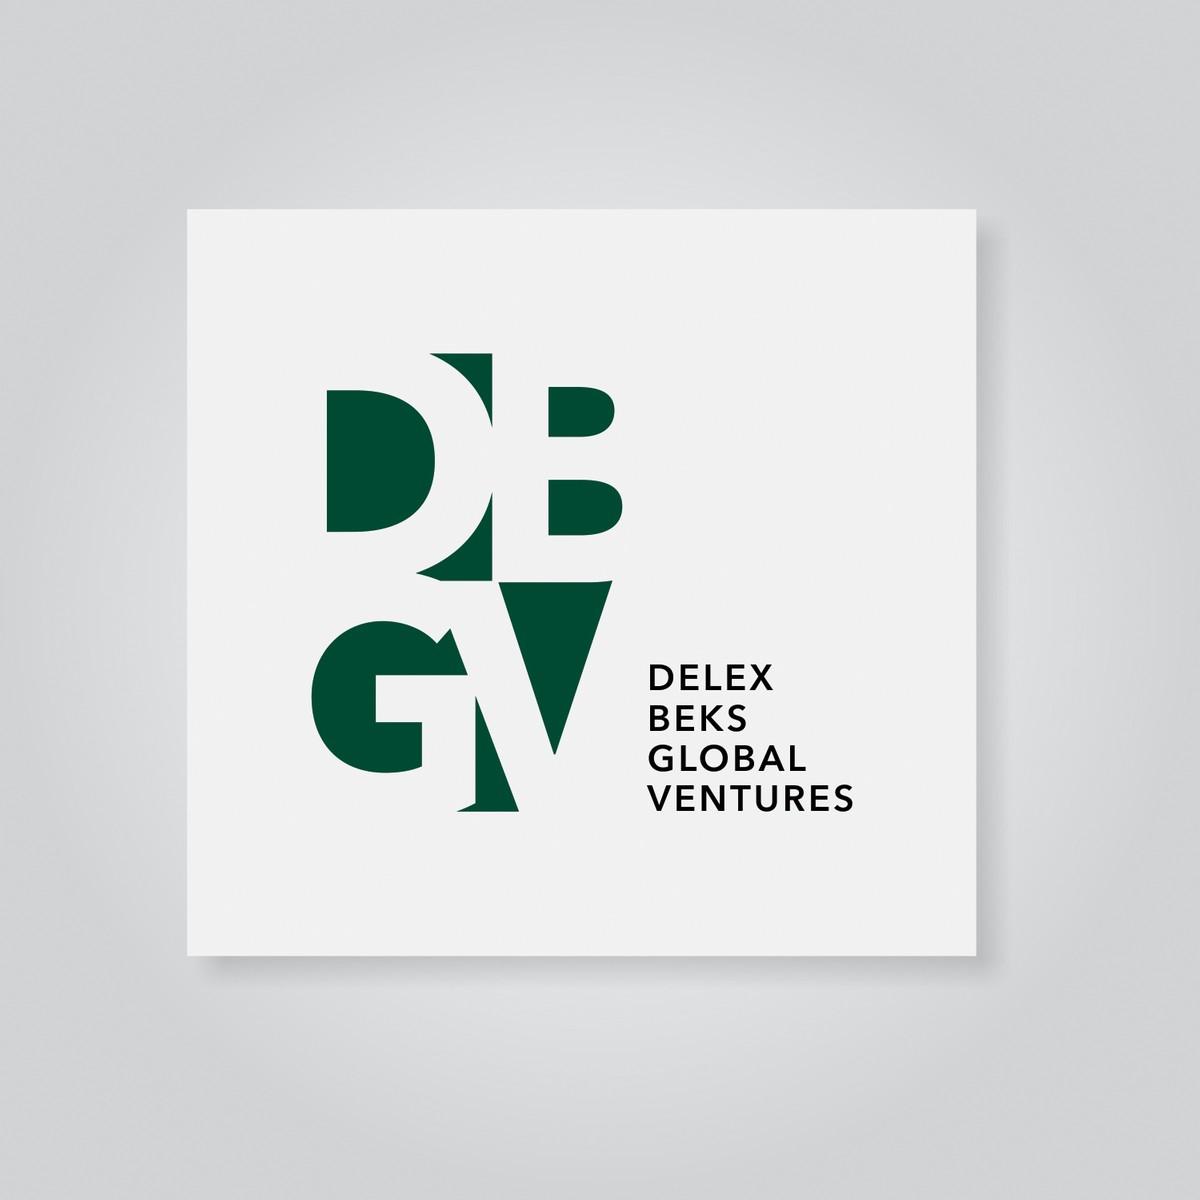 Logo Design for Delex Beks Global Ventures